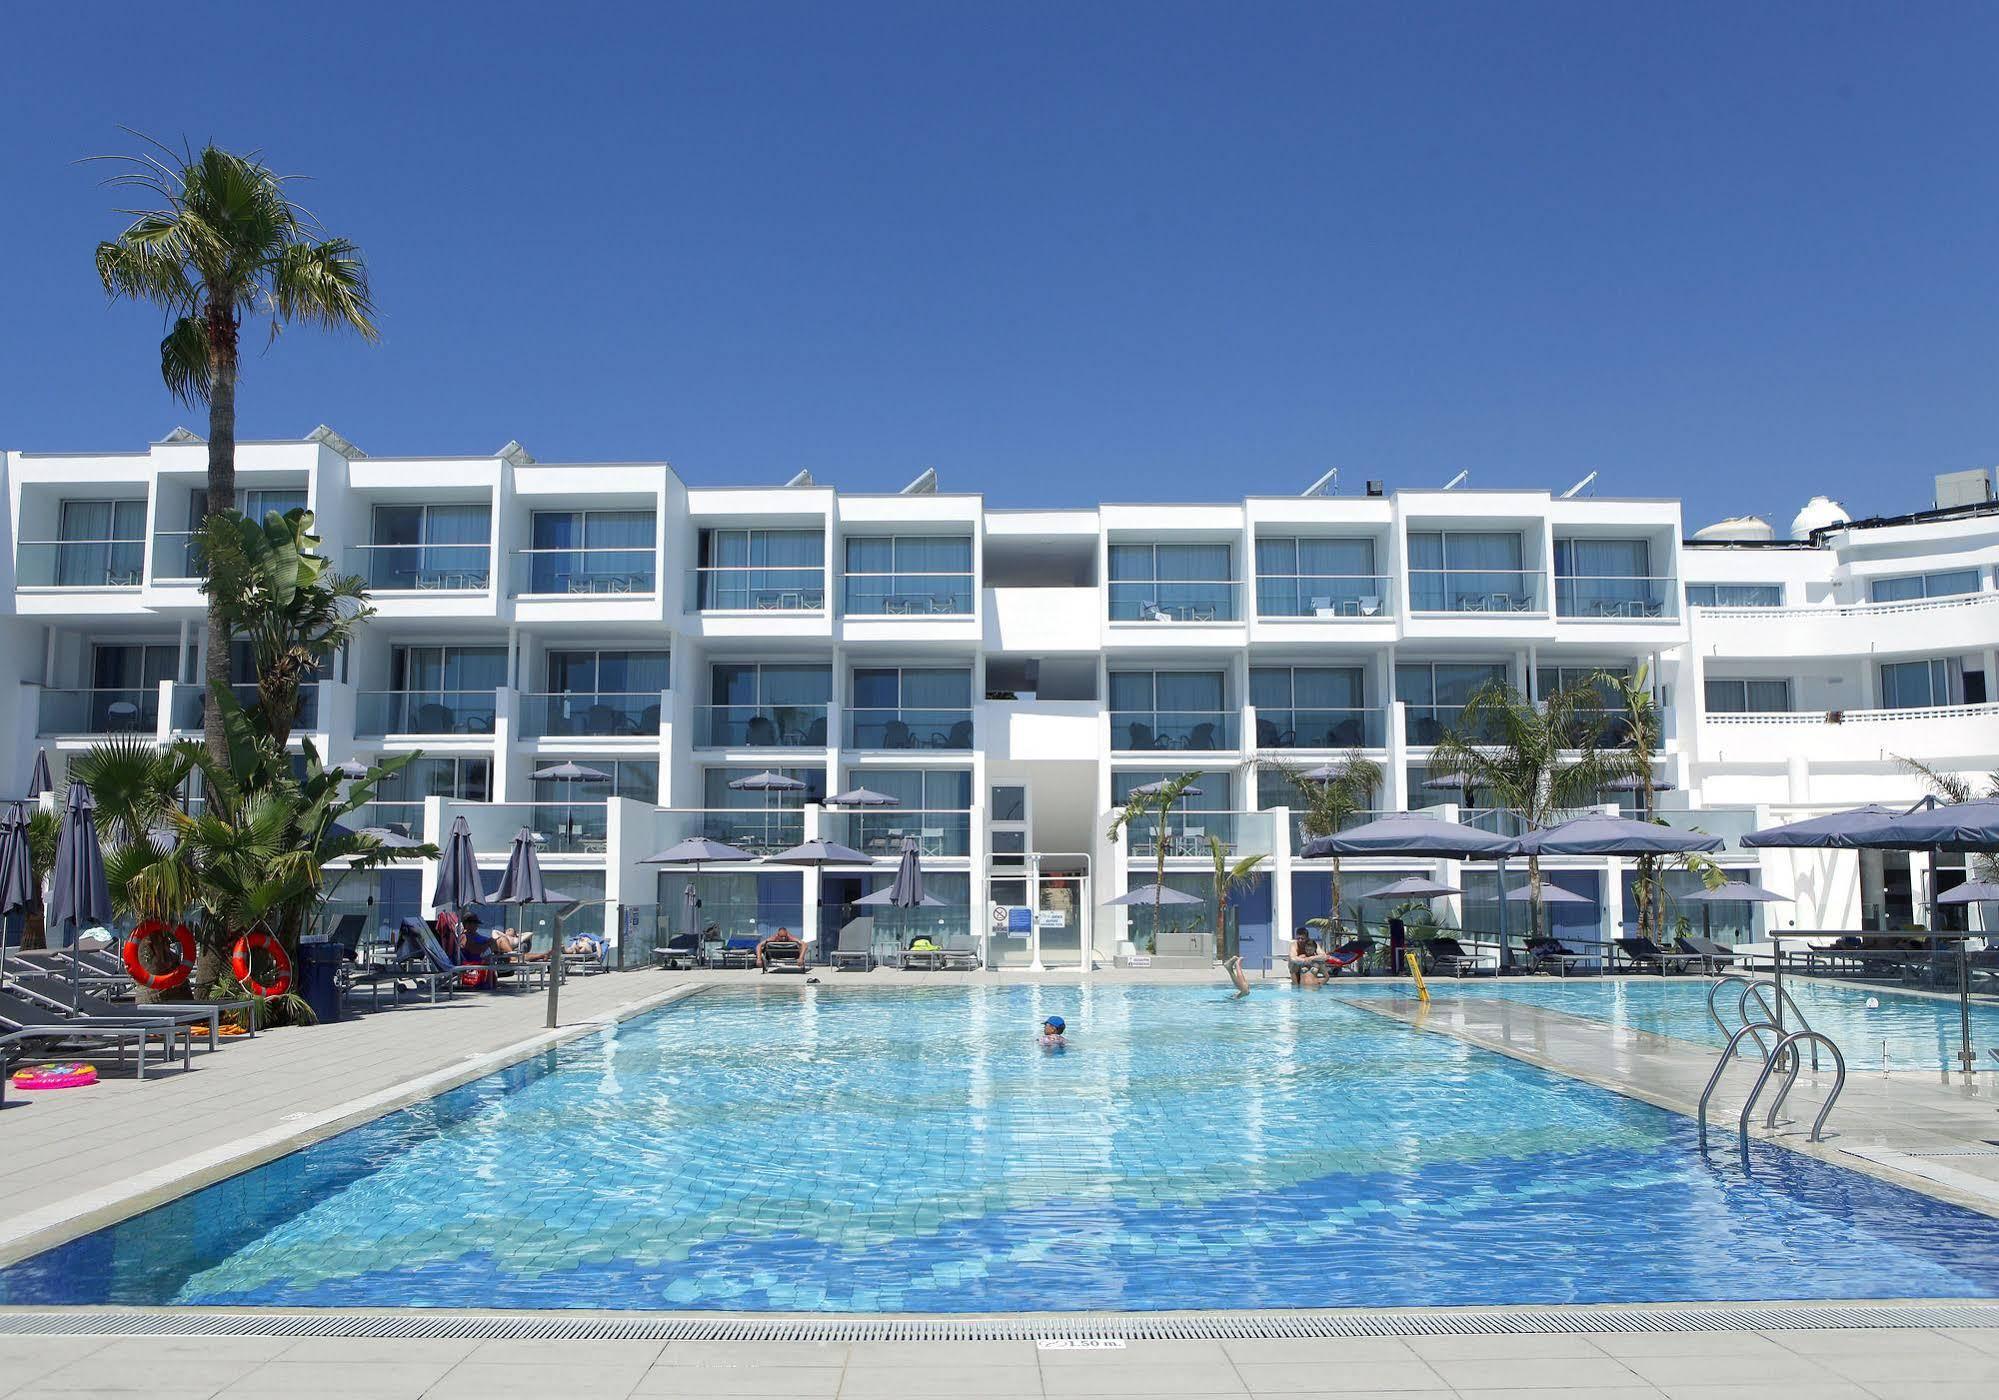 CYPR - LATO 2020: Limanaki Beach Hotel & Suites****, 8 dni (18-25.05.2020 r.), dwa posiłki: 2159,00 PLN/os. dorosła